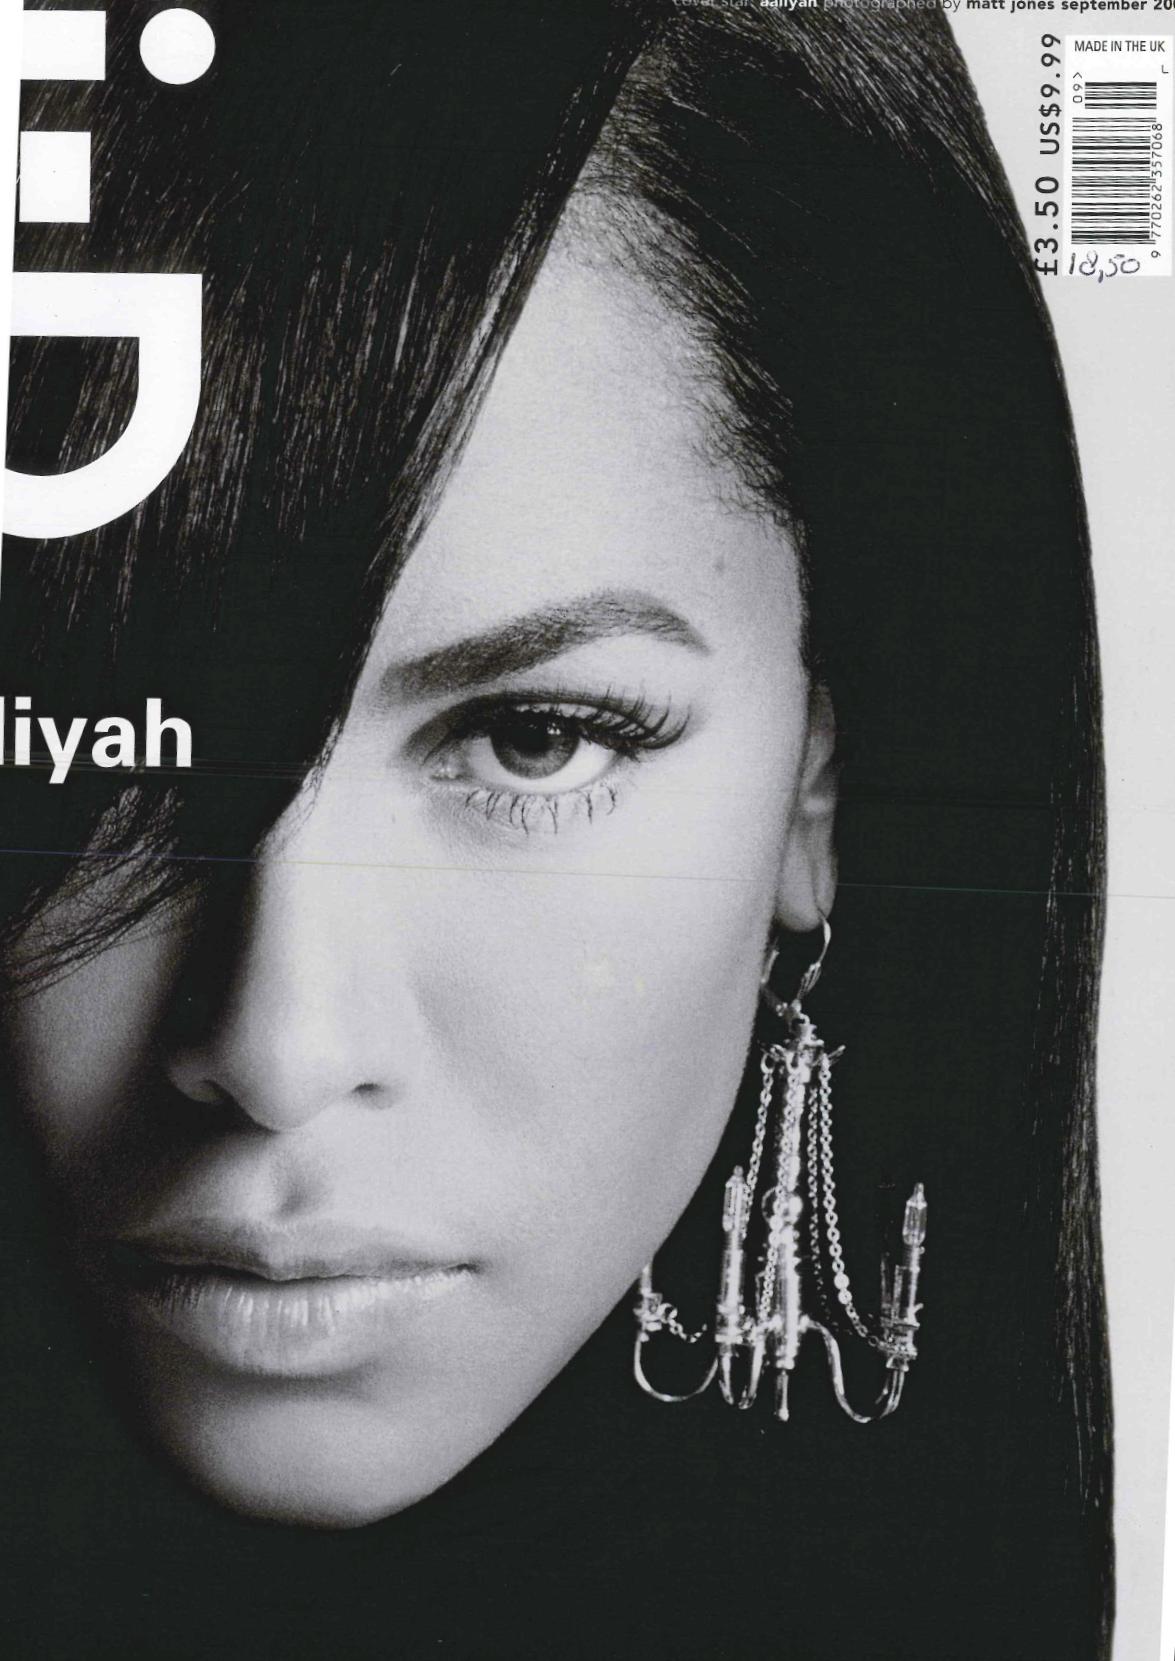 aaliyah cover iD